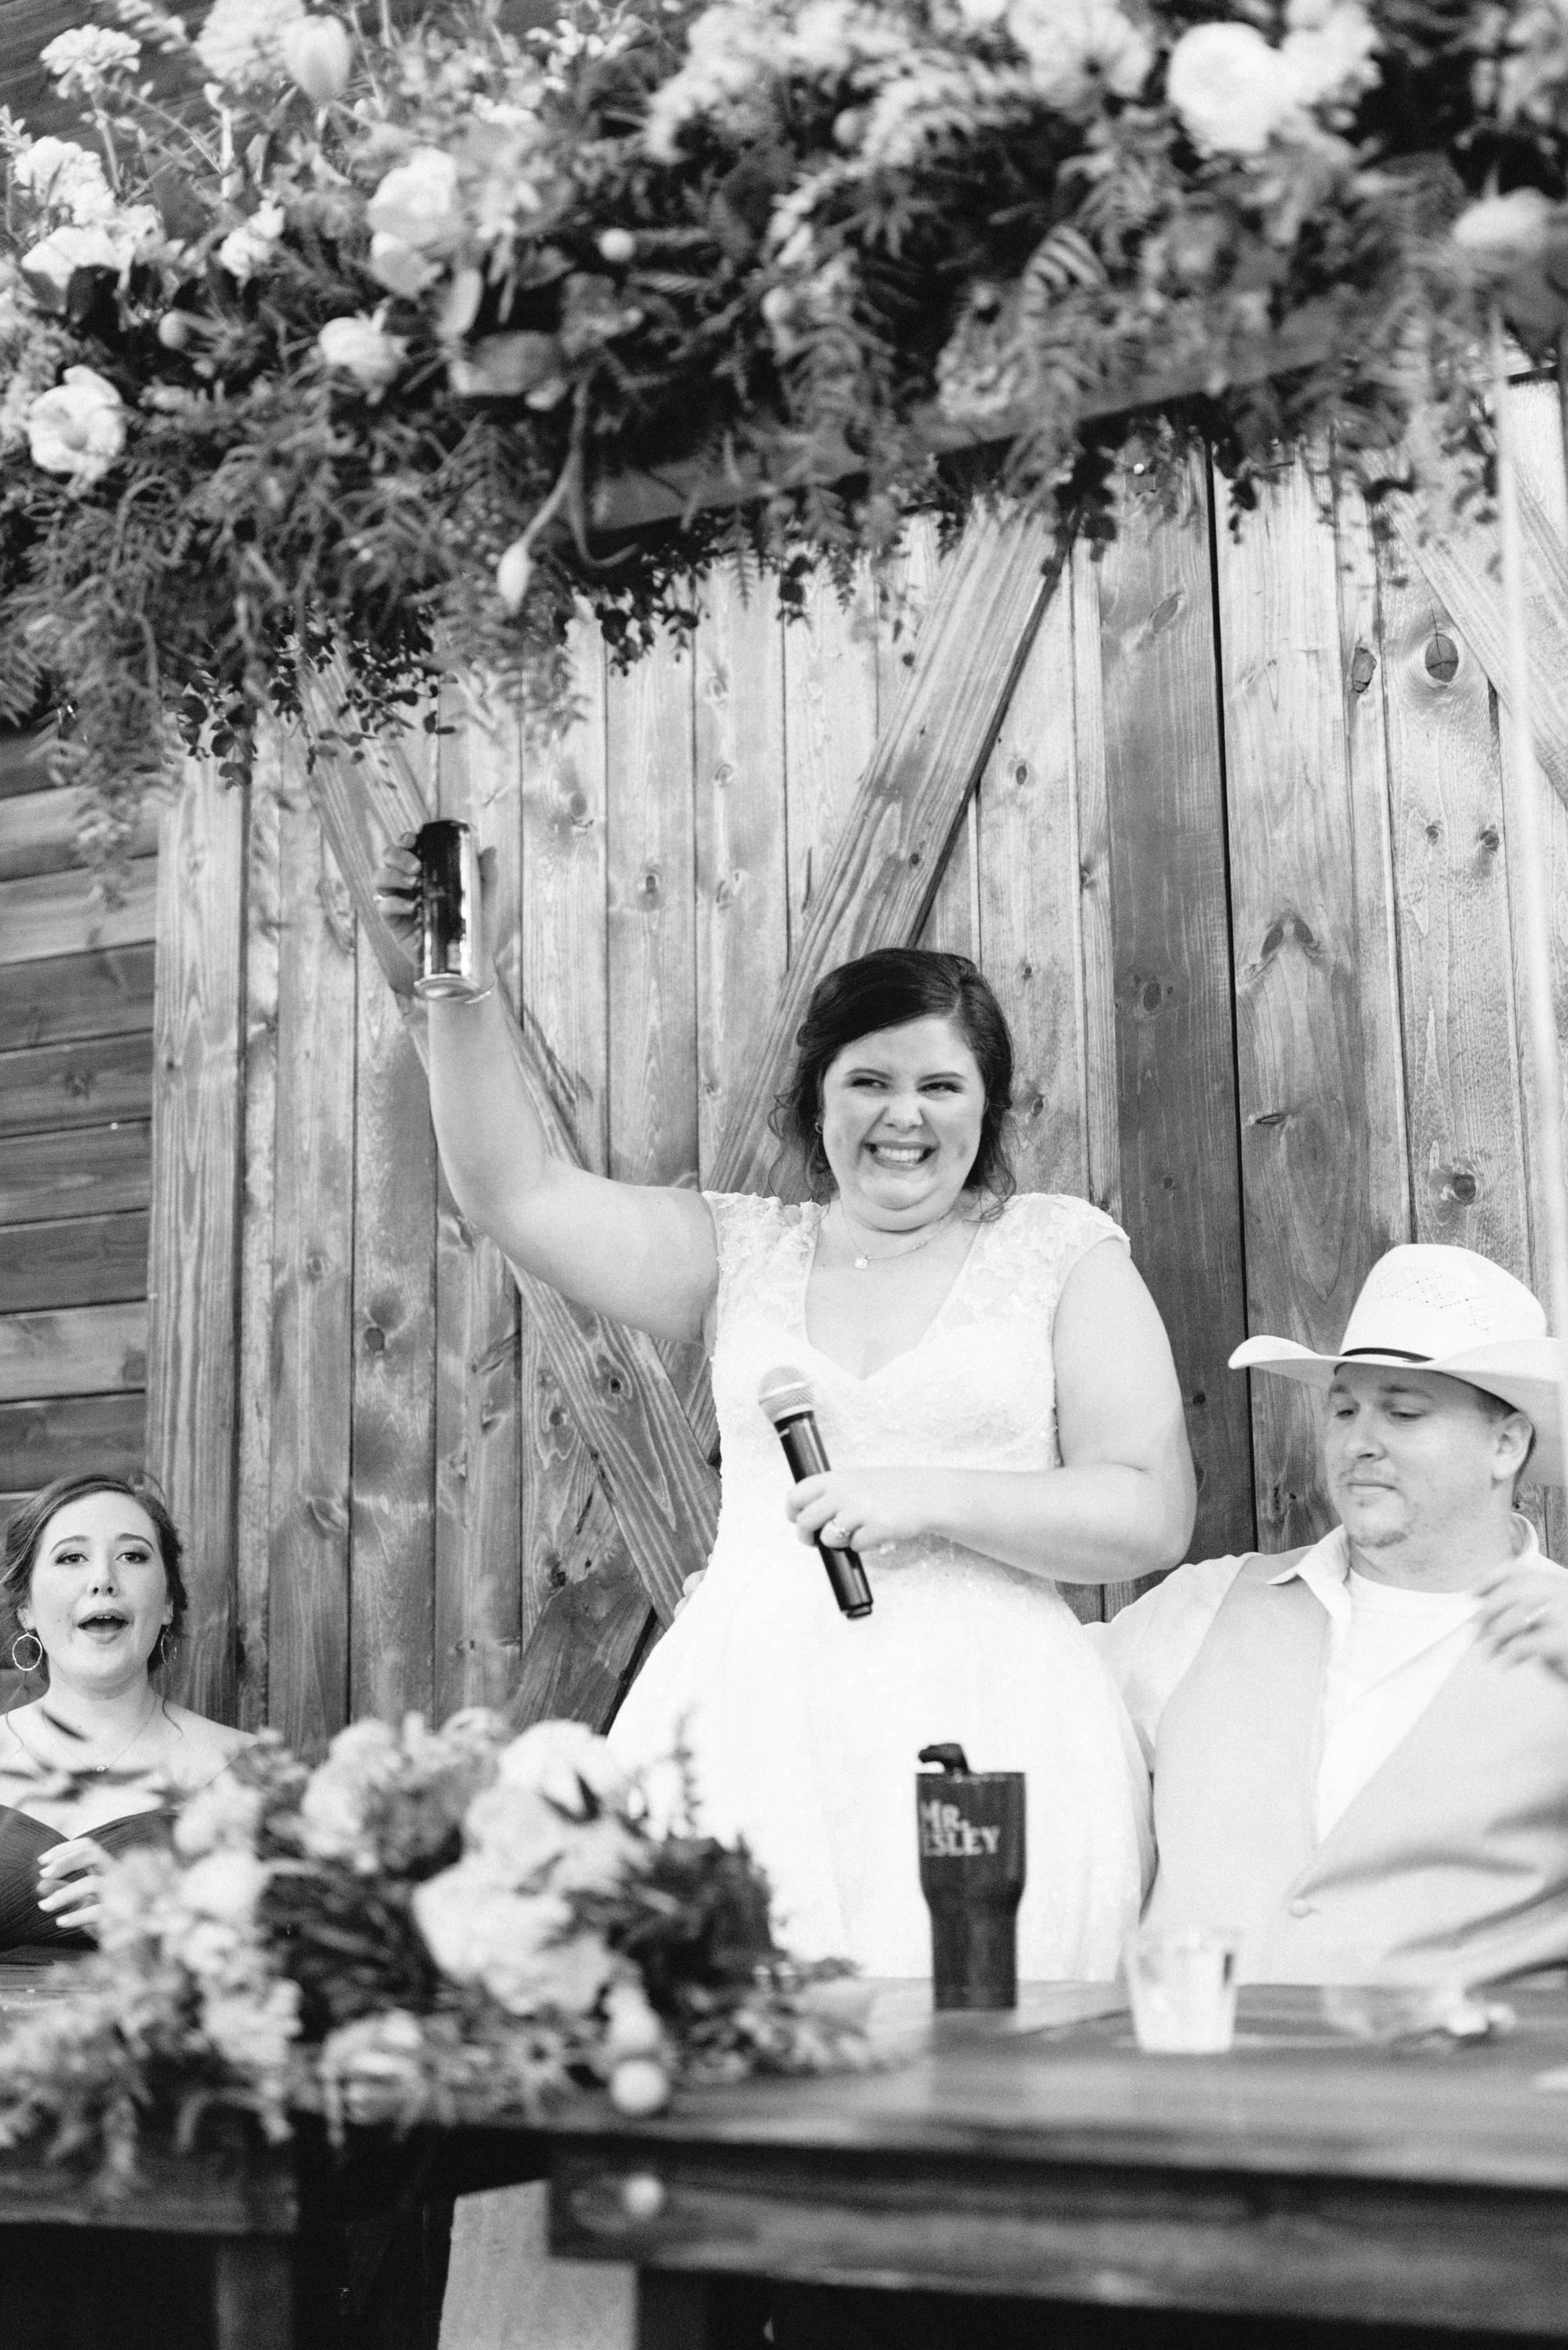 Wesley-Wedding-Ten23-Photography-760.jpg